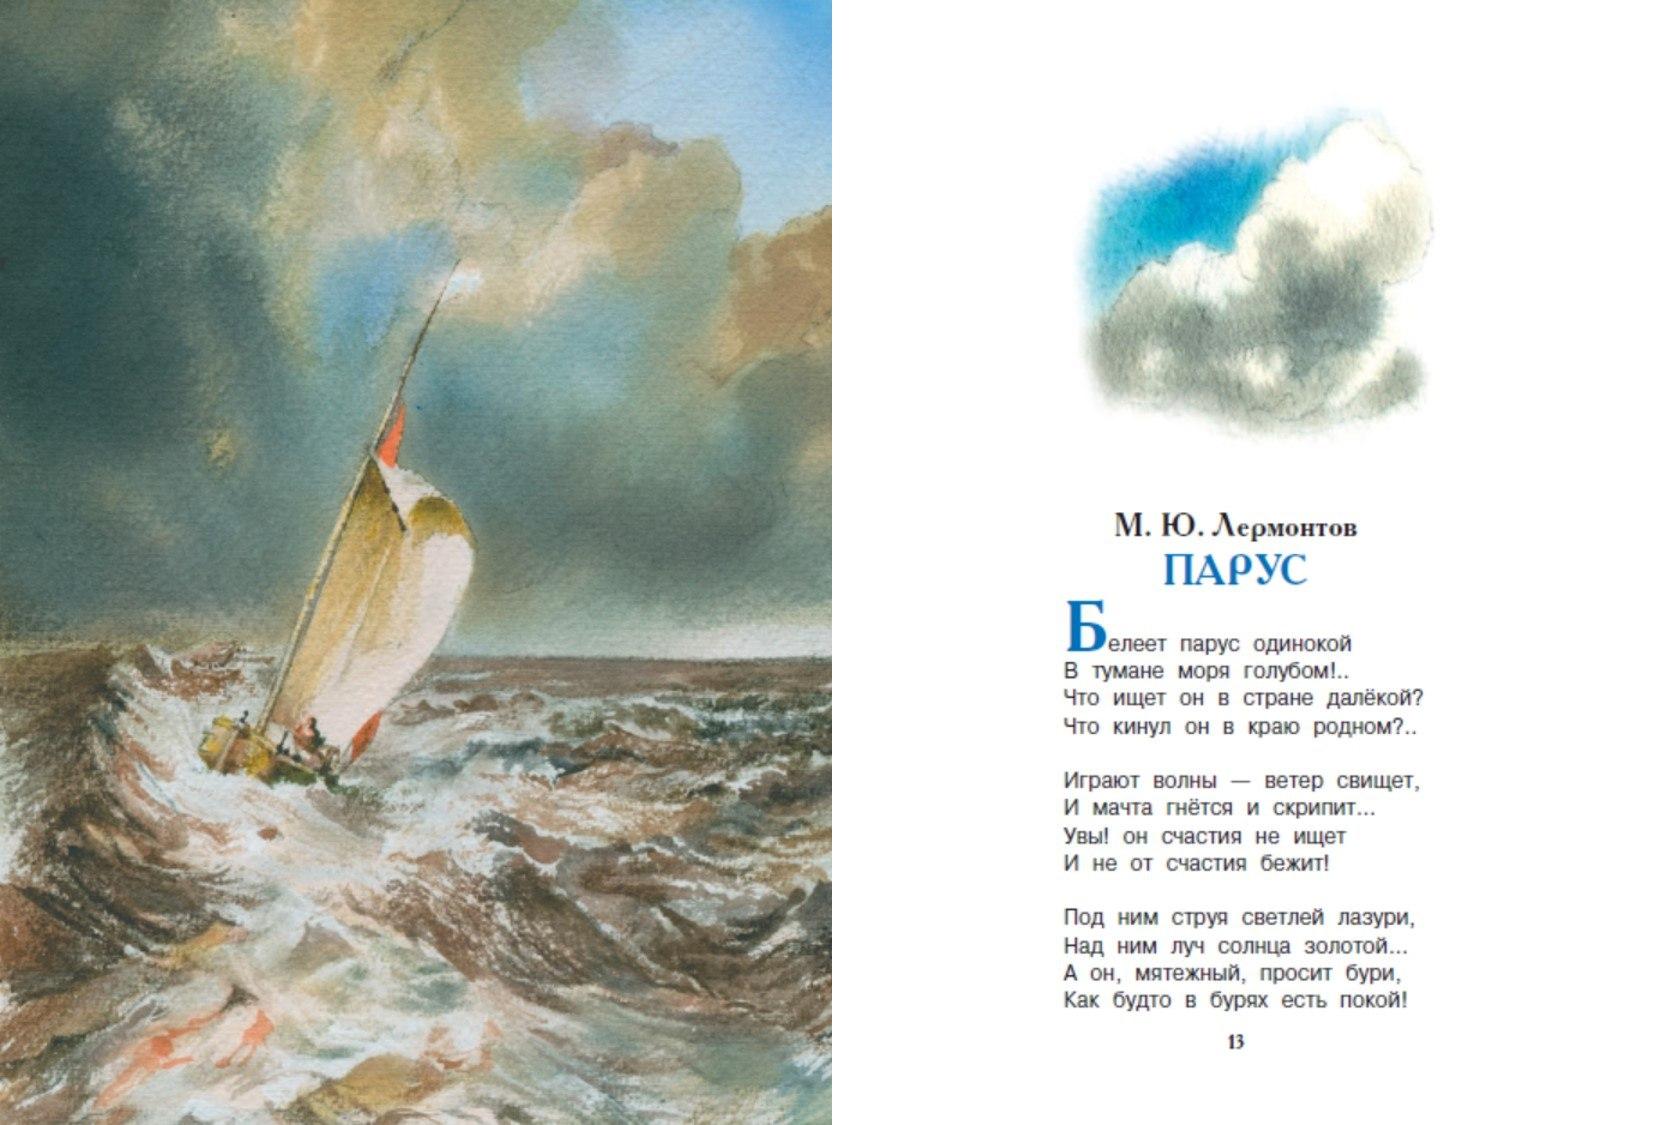 Лермонтов стихотворение парус в картинках показывают